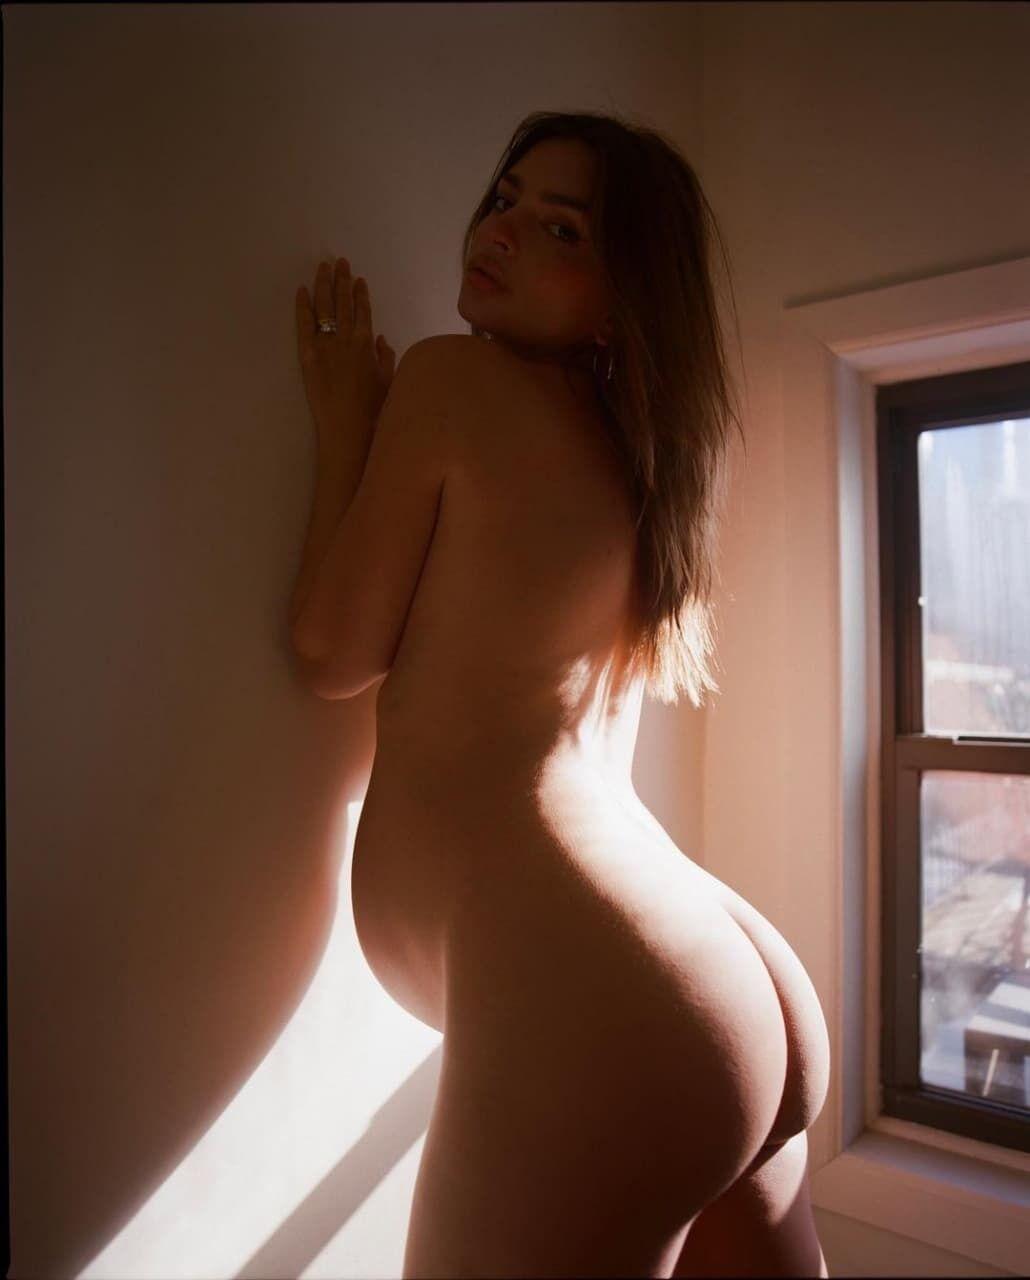 Эмили Ратаковски позирует без одежды